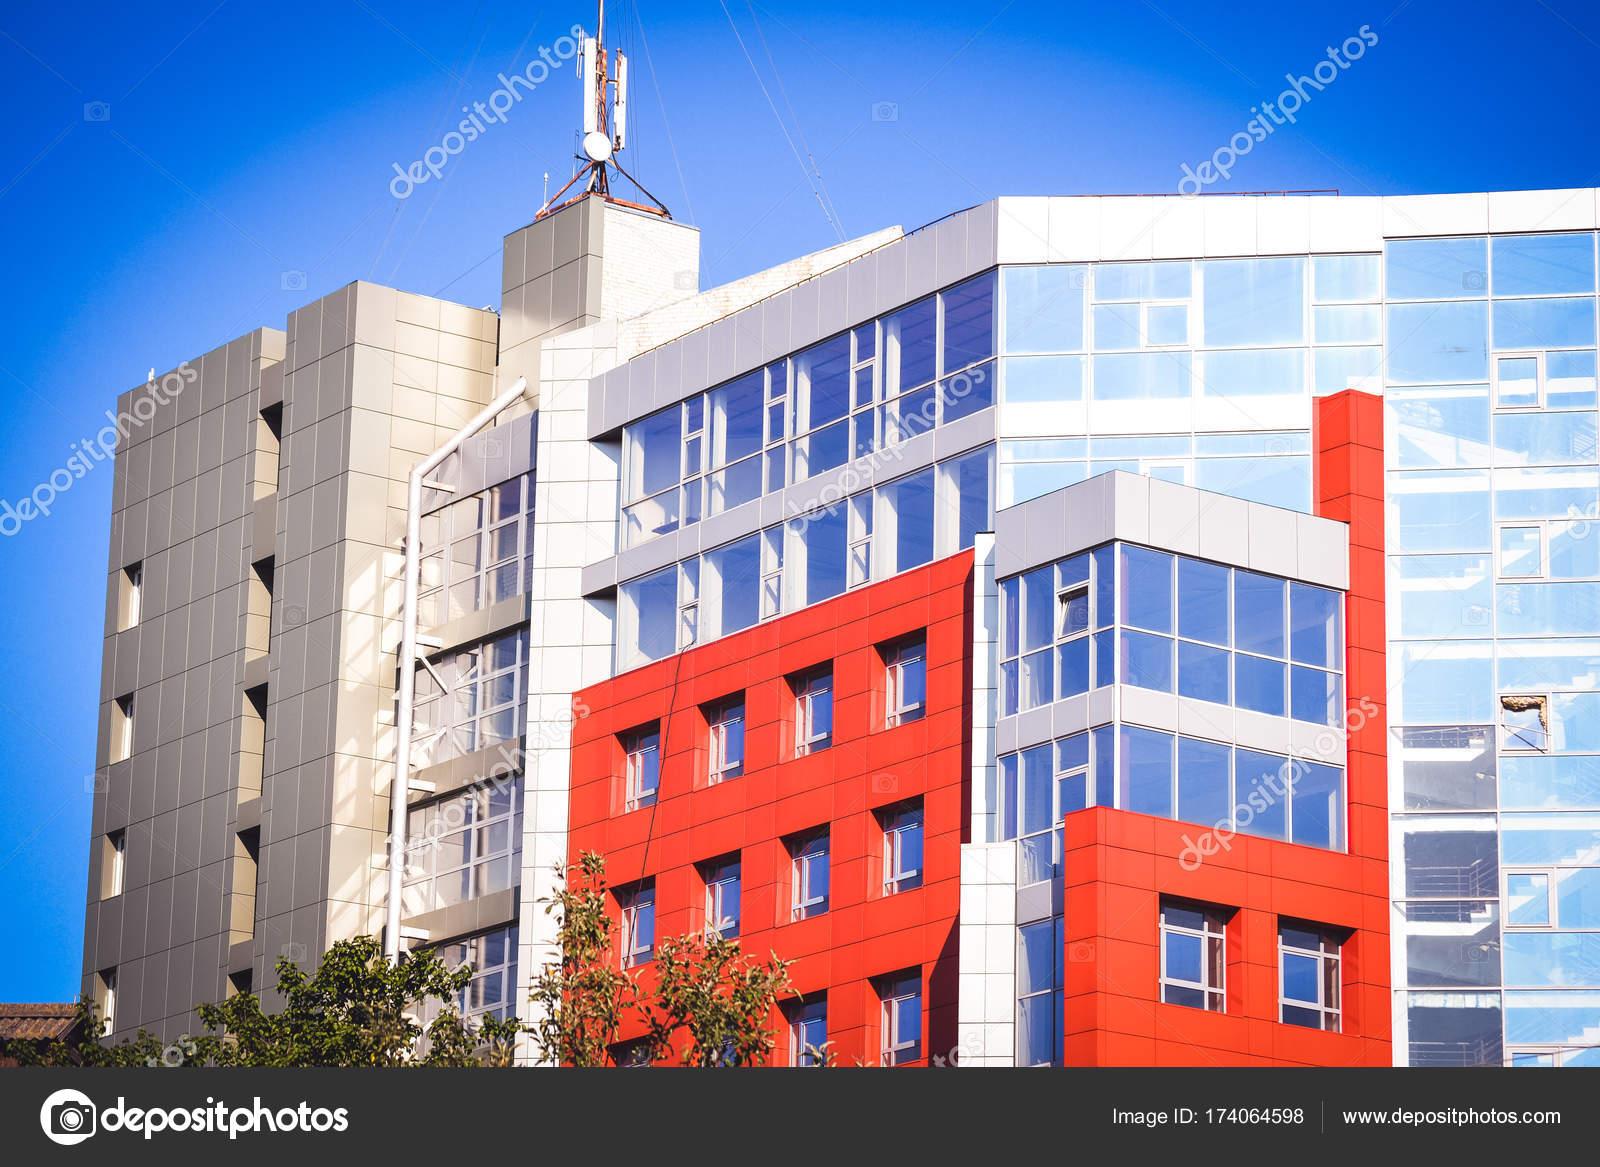 Gevel van het huis rood in de hightech stijl u stockfoto